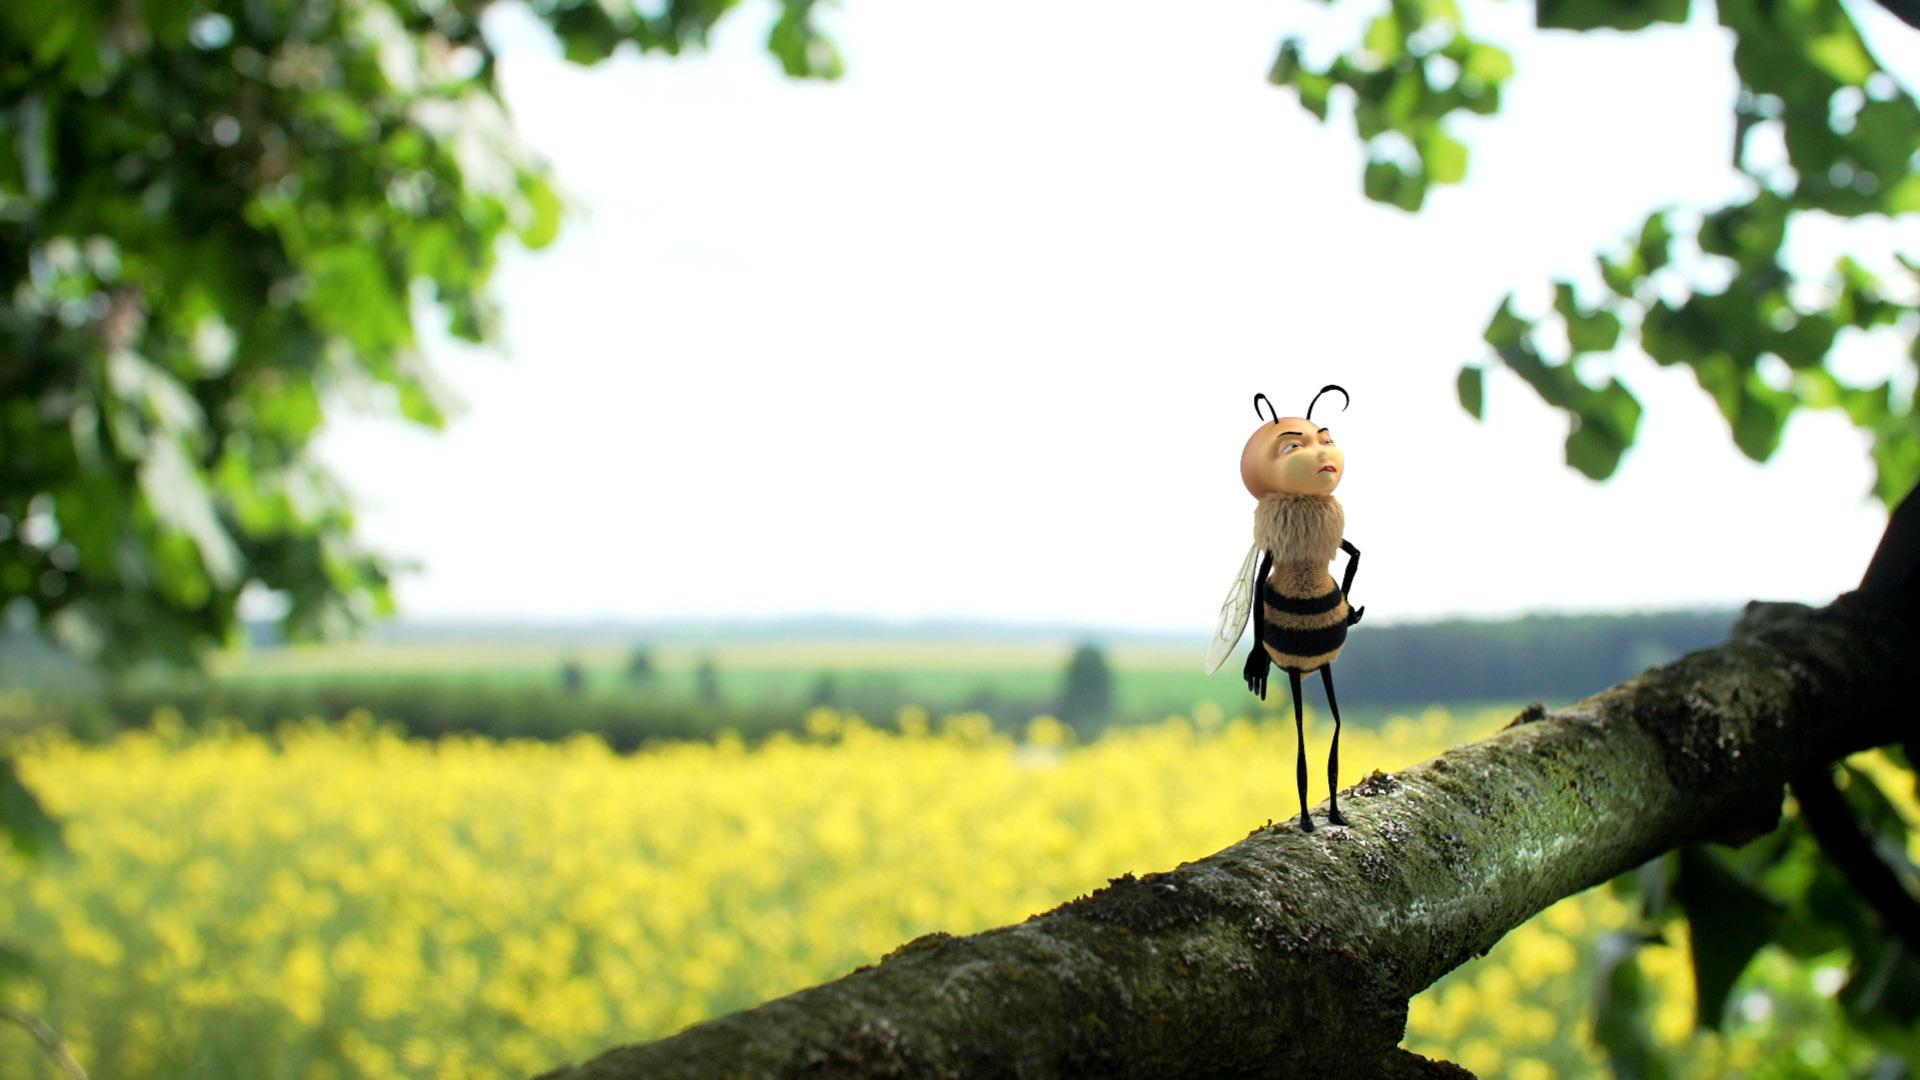 Bee_Shot_005